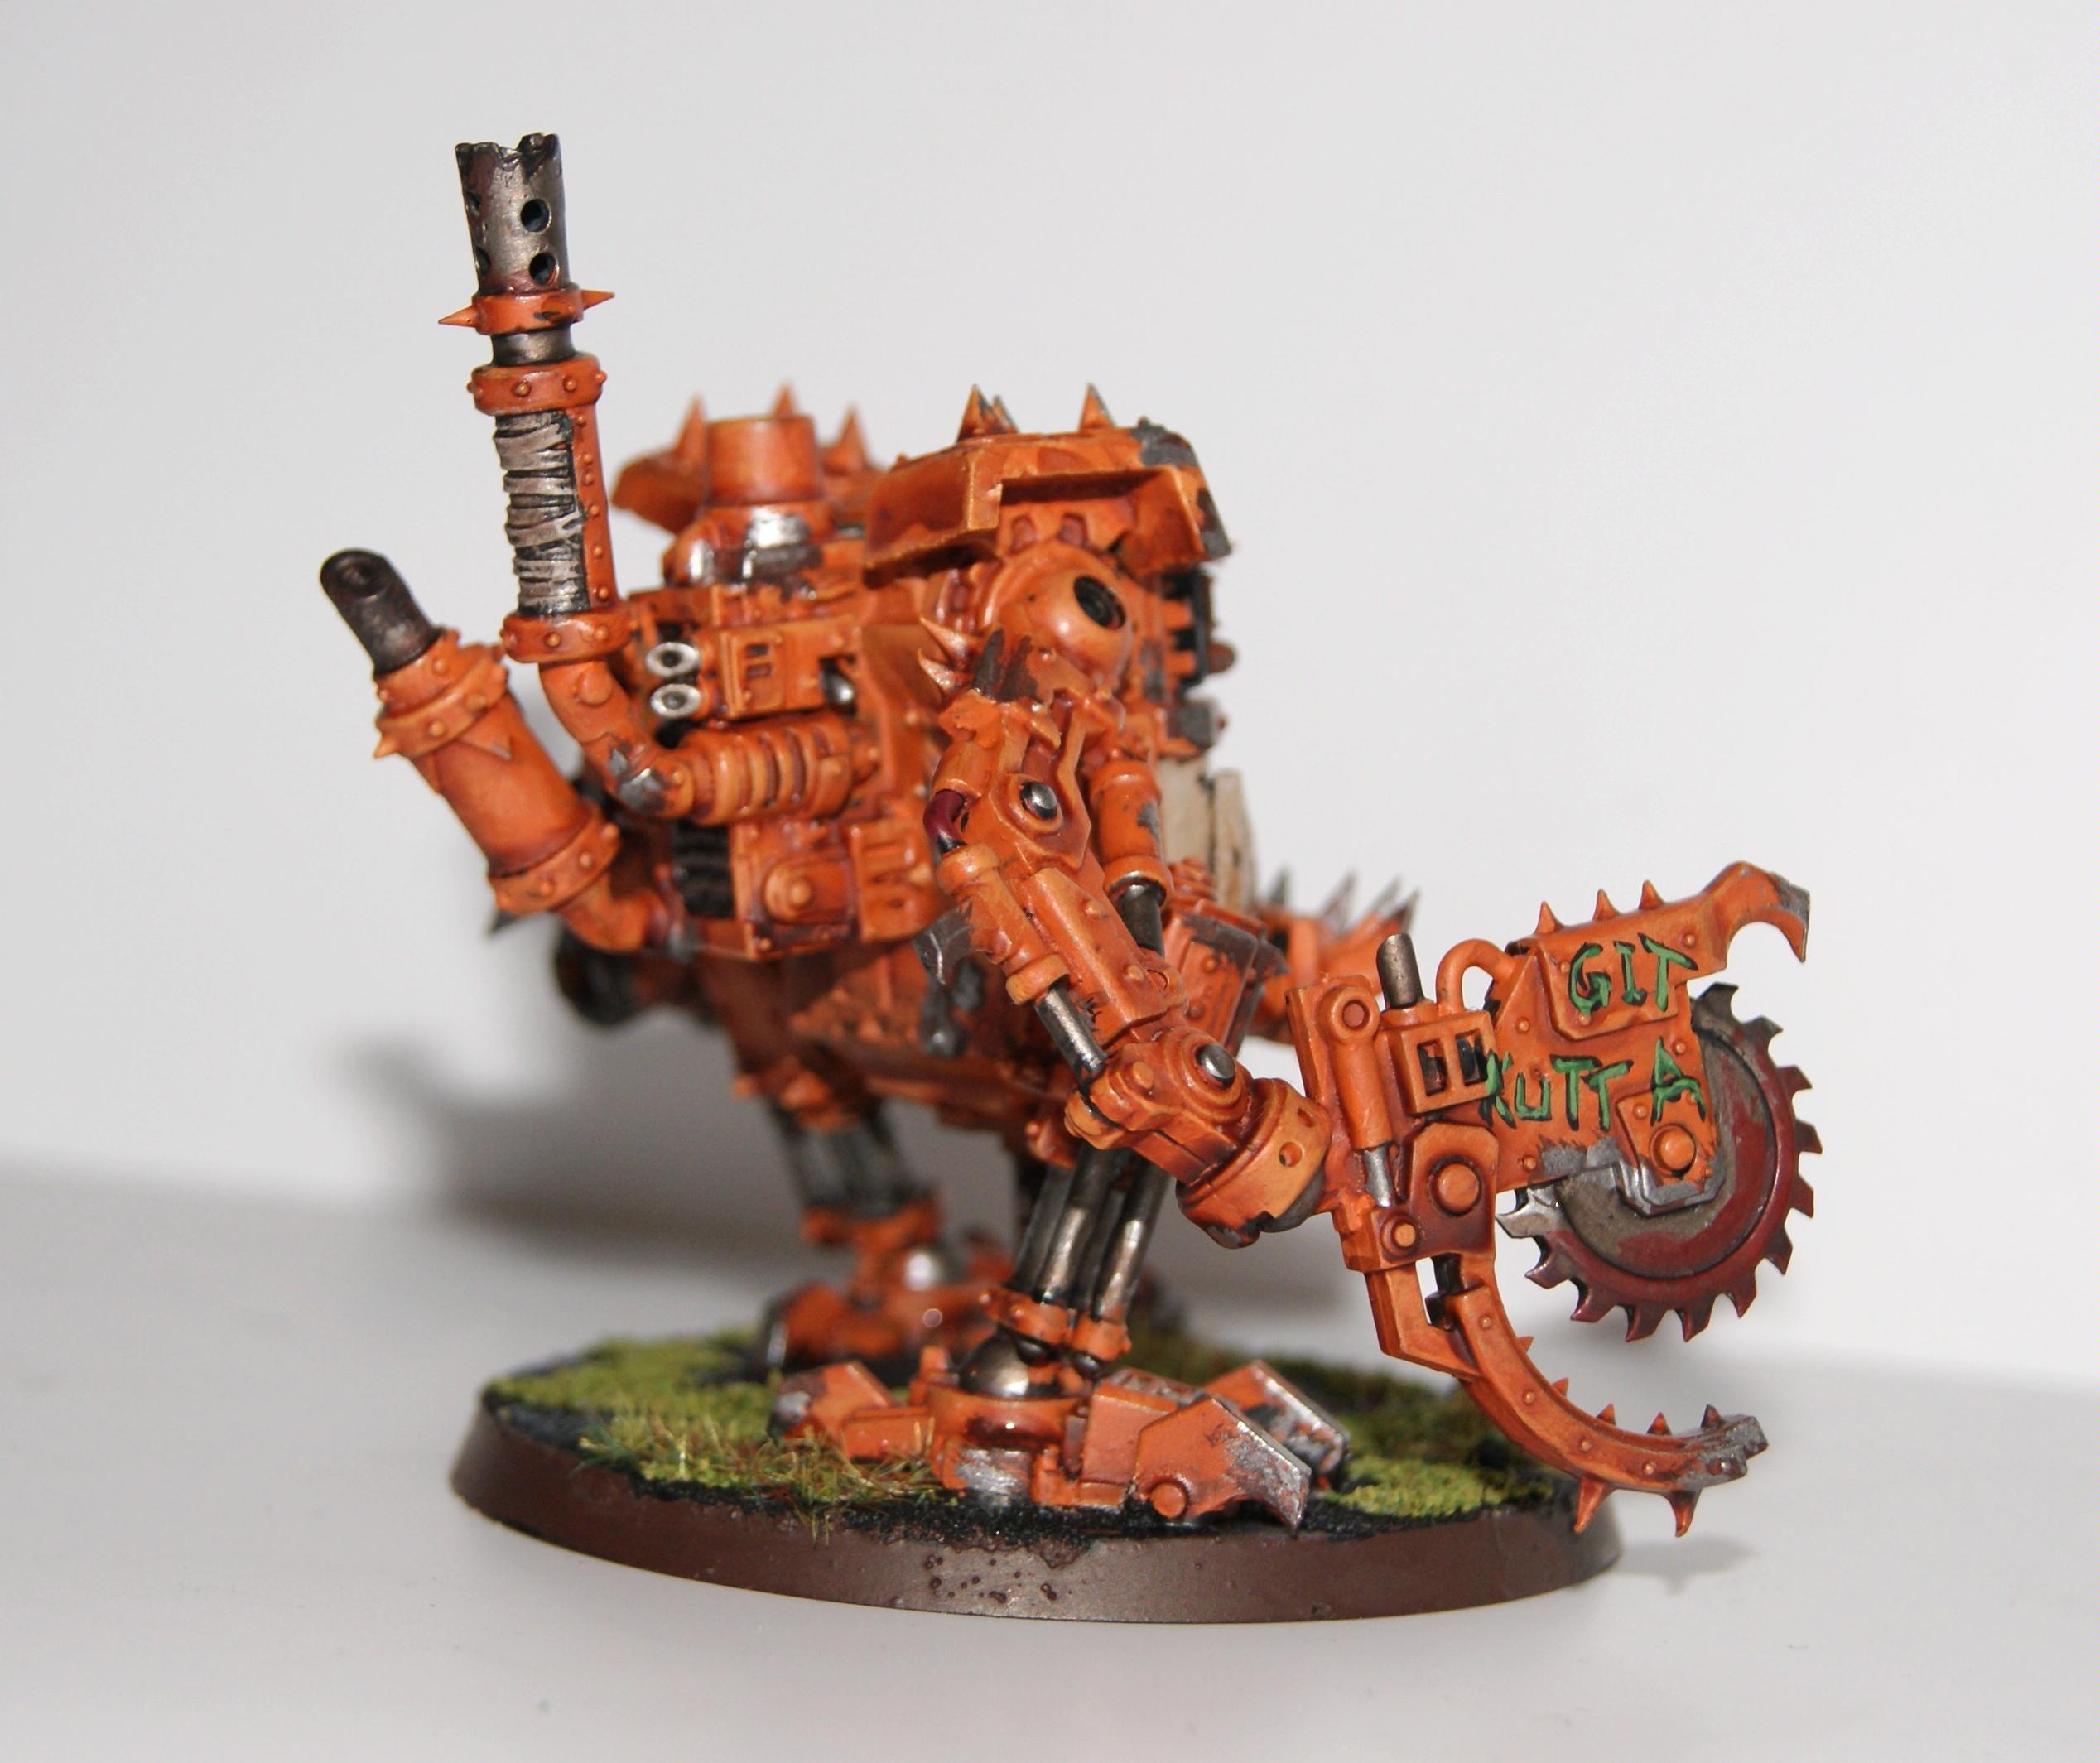 Conversion, Grot Rebellion, Grot Rebels, Grots, Killa Kan, Warhammer 40,000